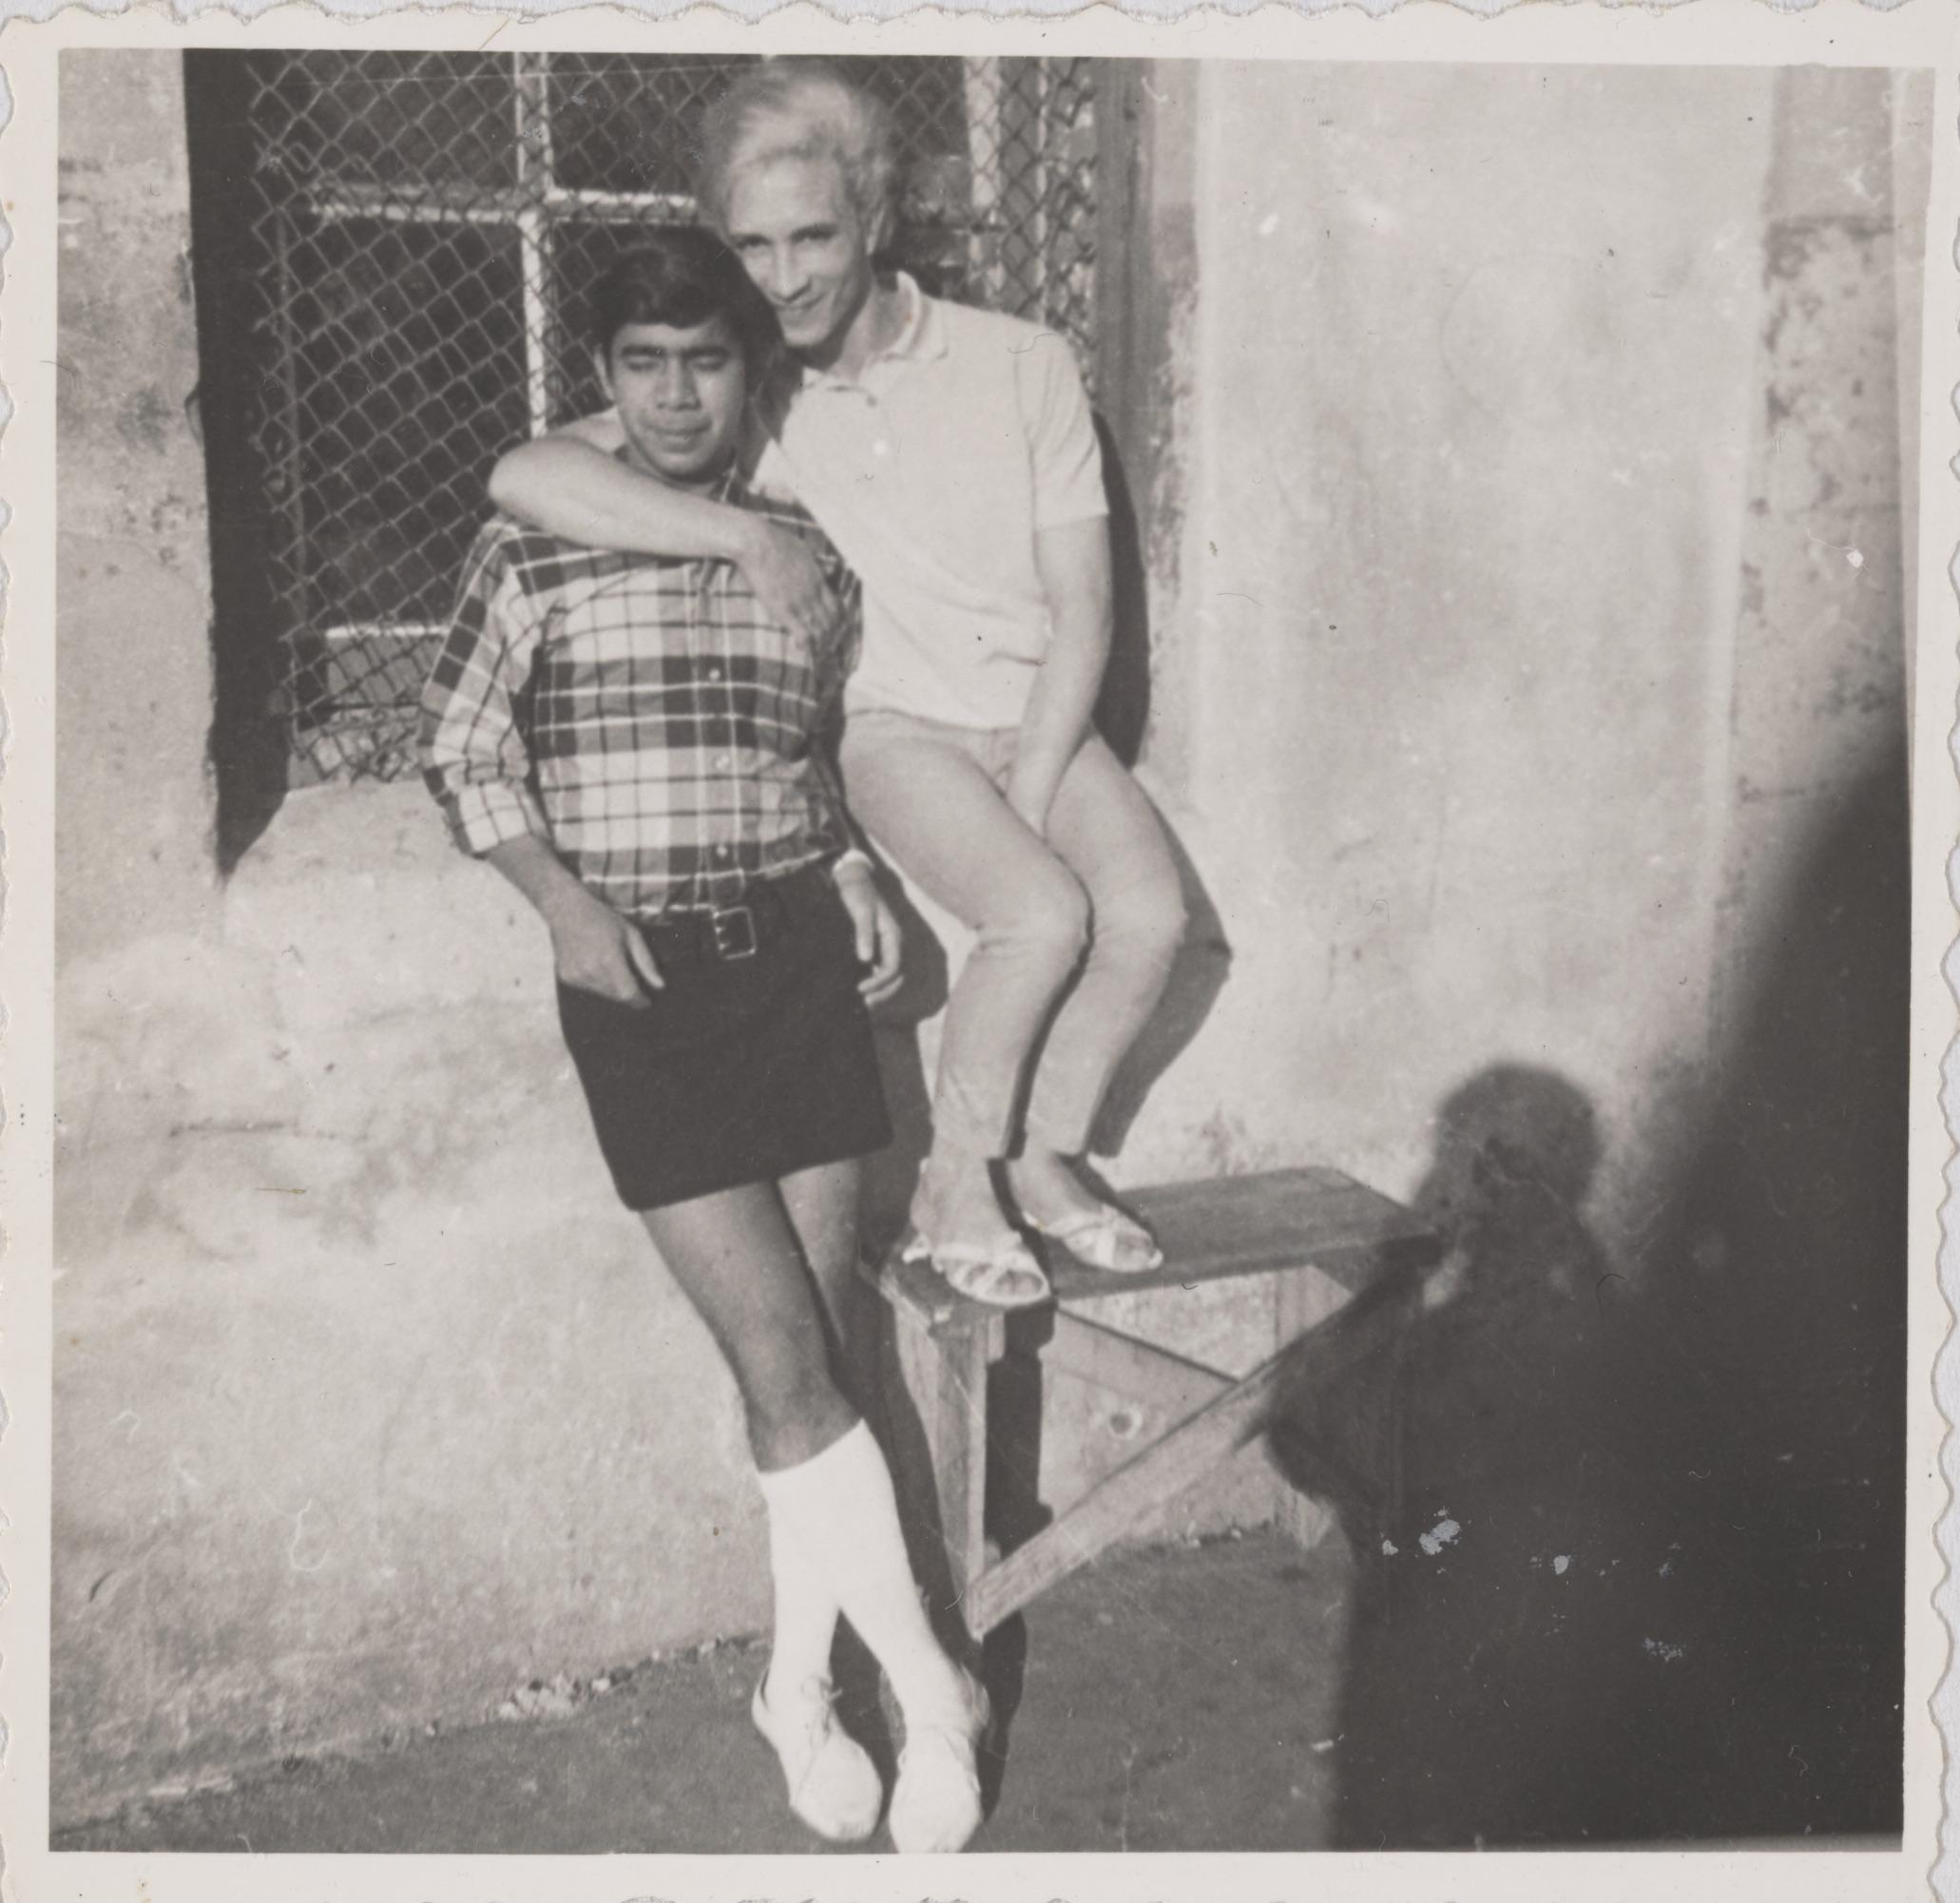 Brian and Kewpie on Rutgers Street (1)